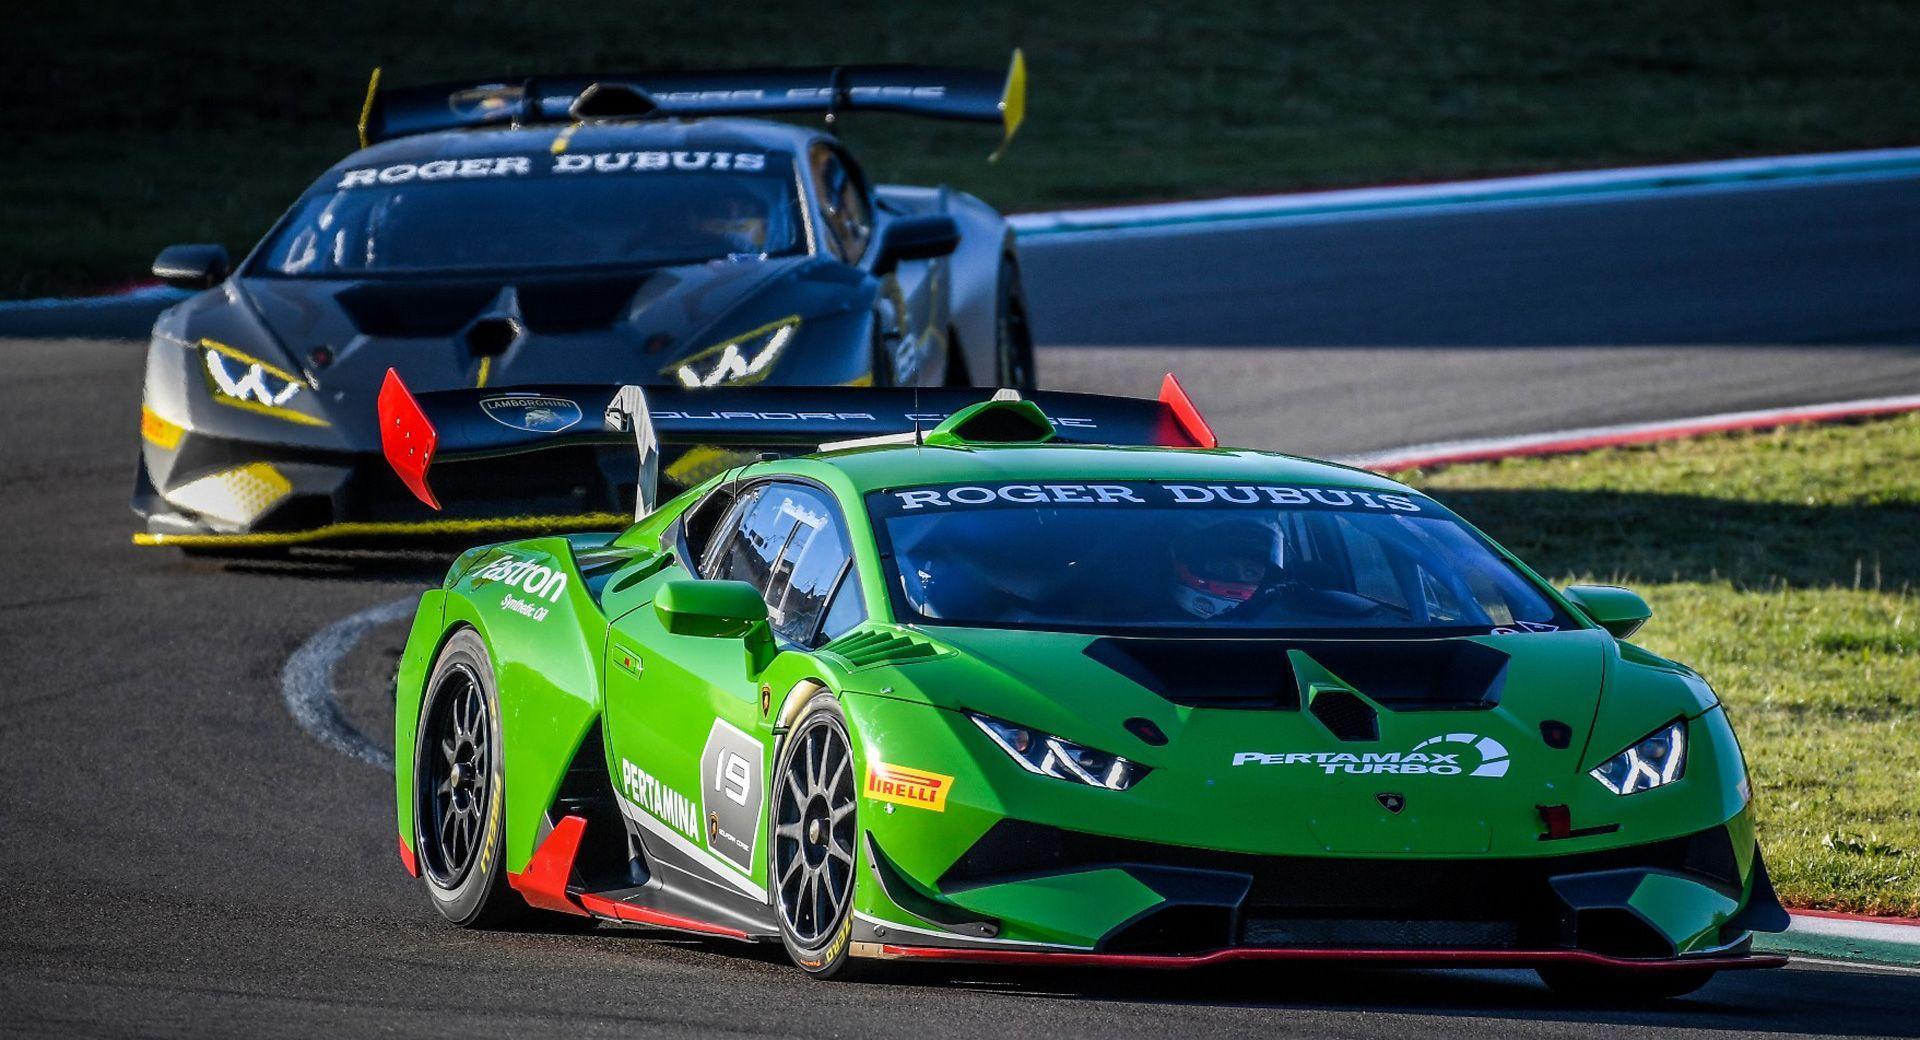 Lamborghini Huracan Super Trofeo Evo Debuts At Sepang Race Carscoops Lamborghini Huracan Lamborghini Lamborghini Cars